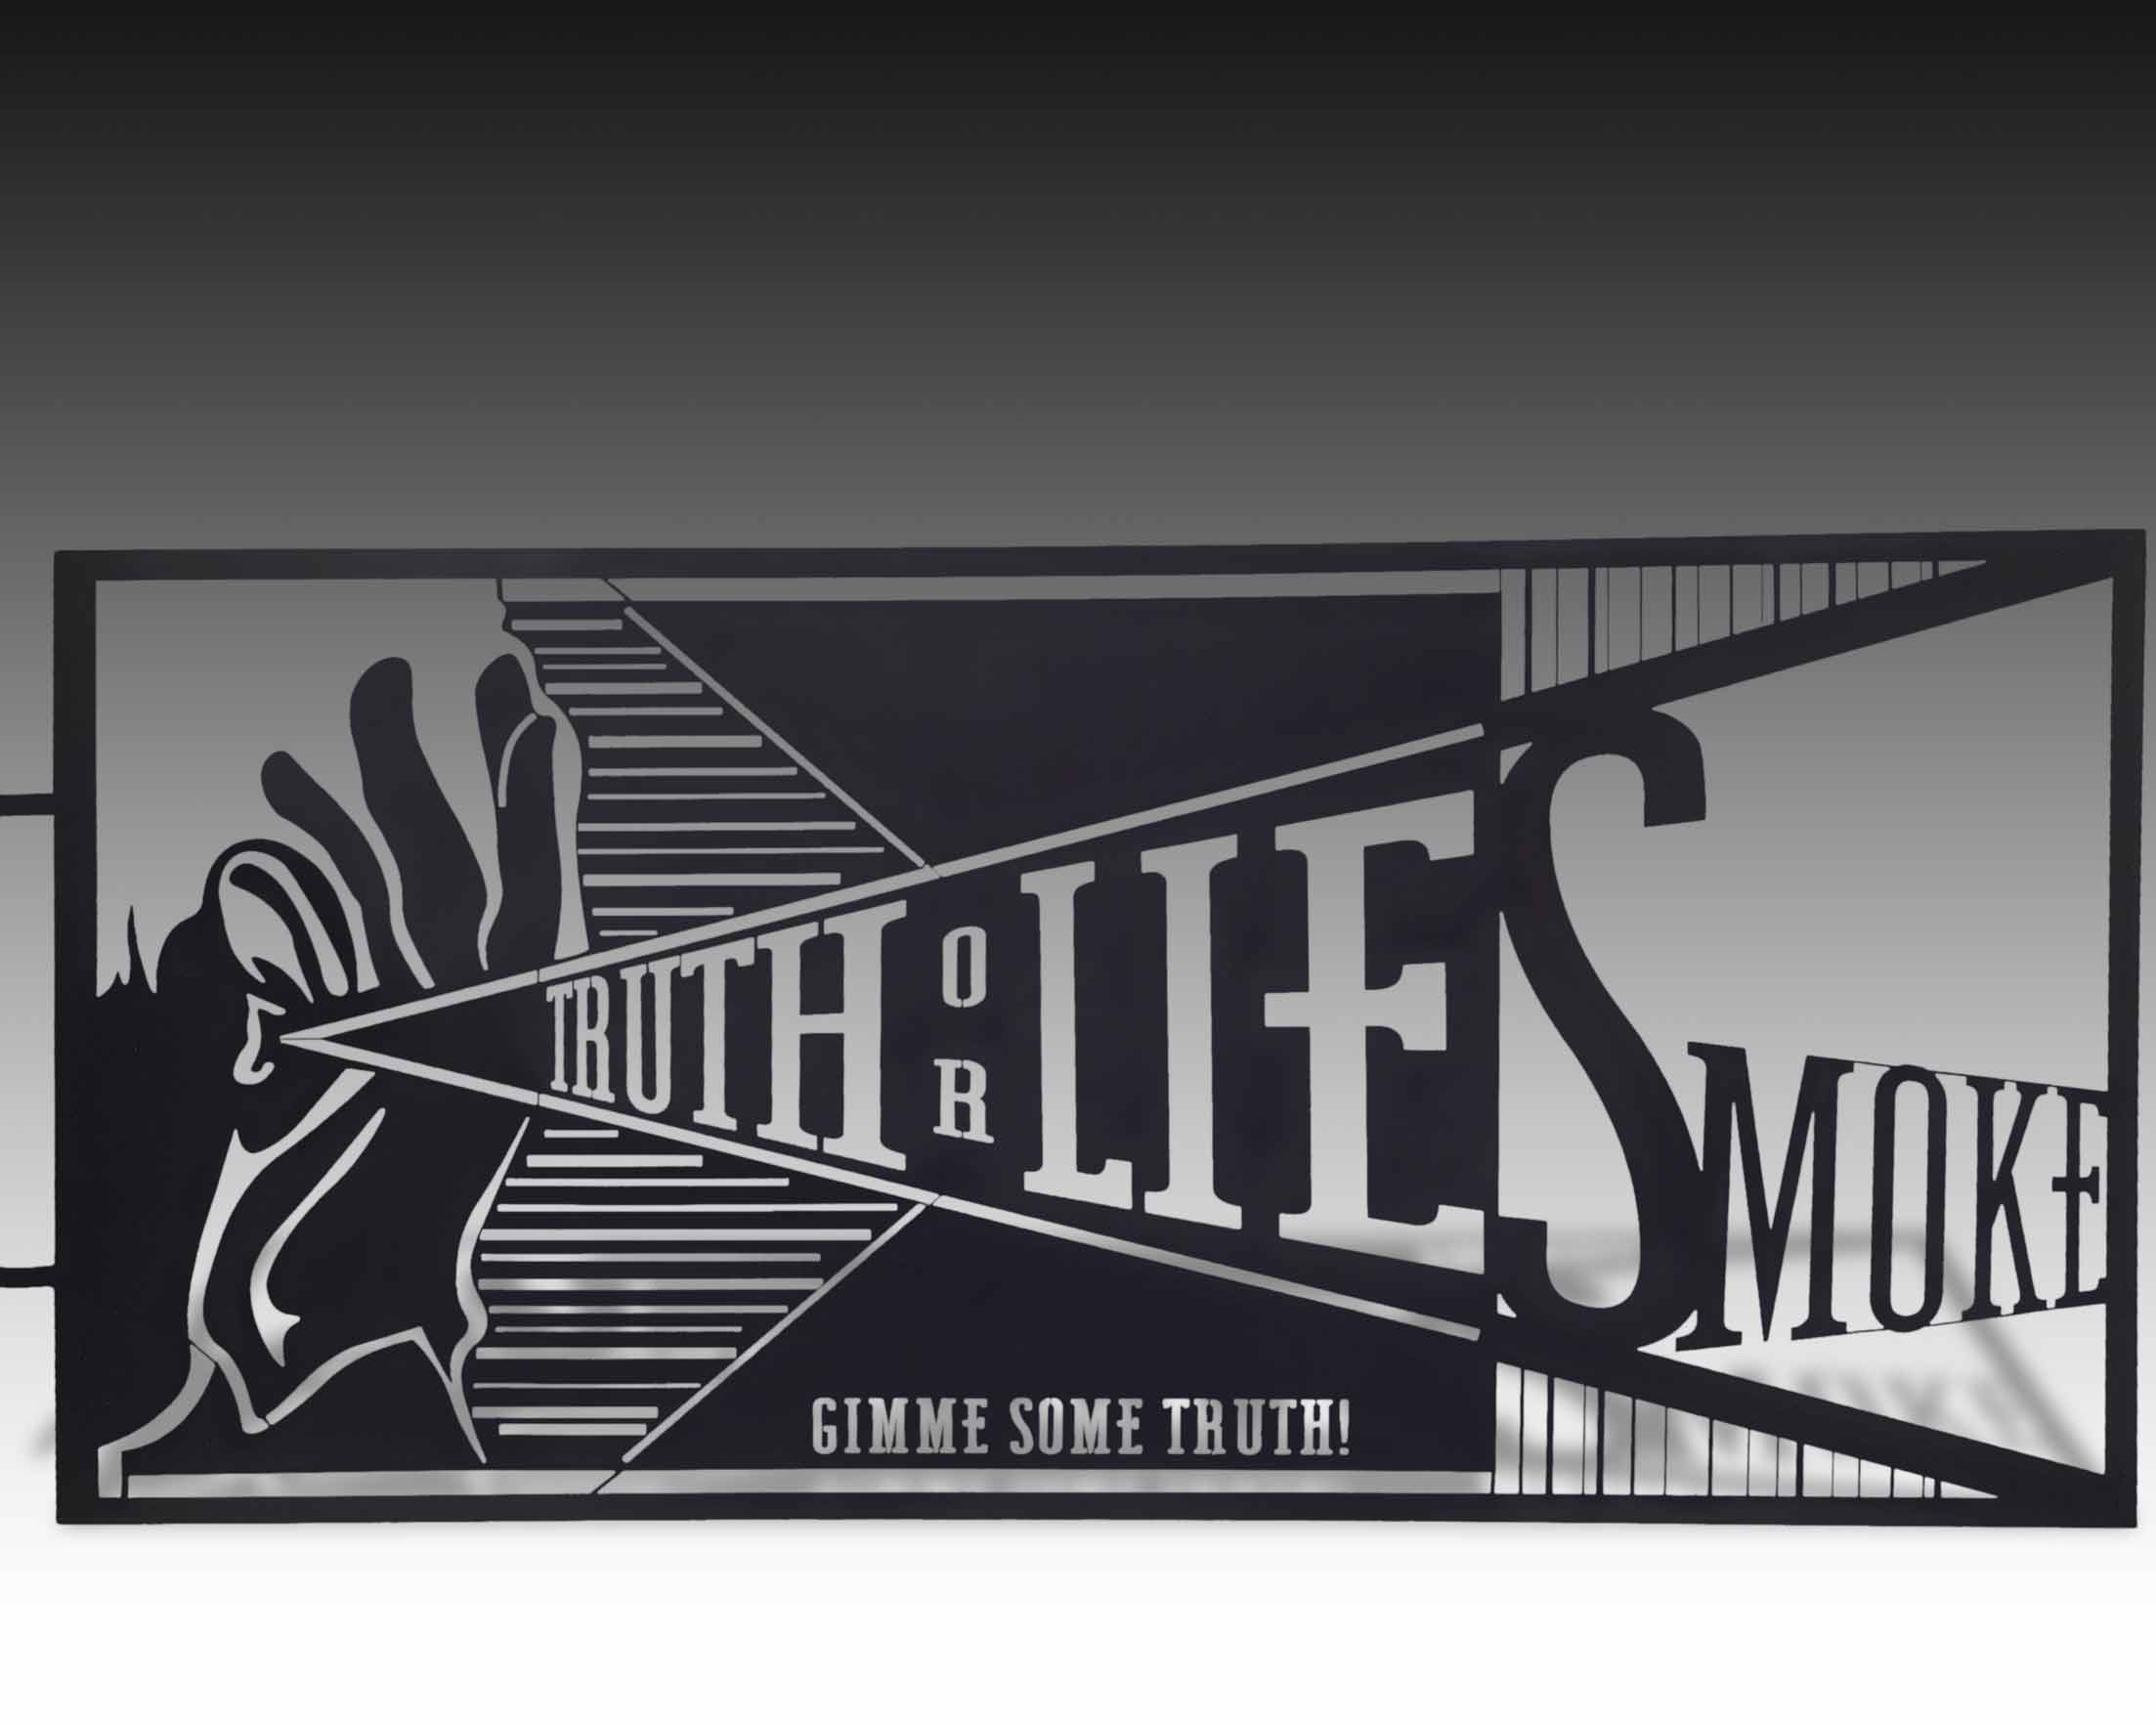 truth-or-lies-smoke-metal-signage